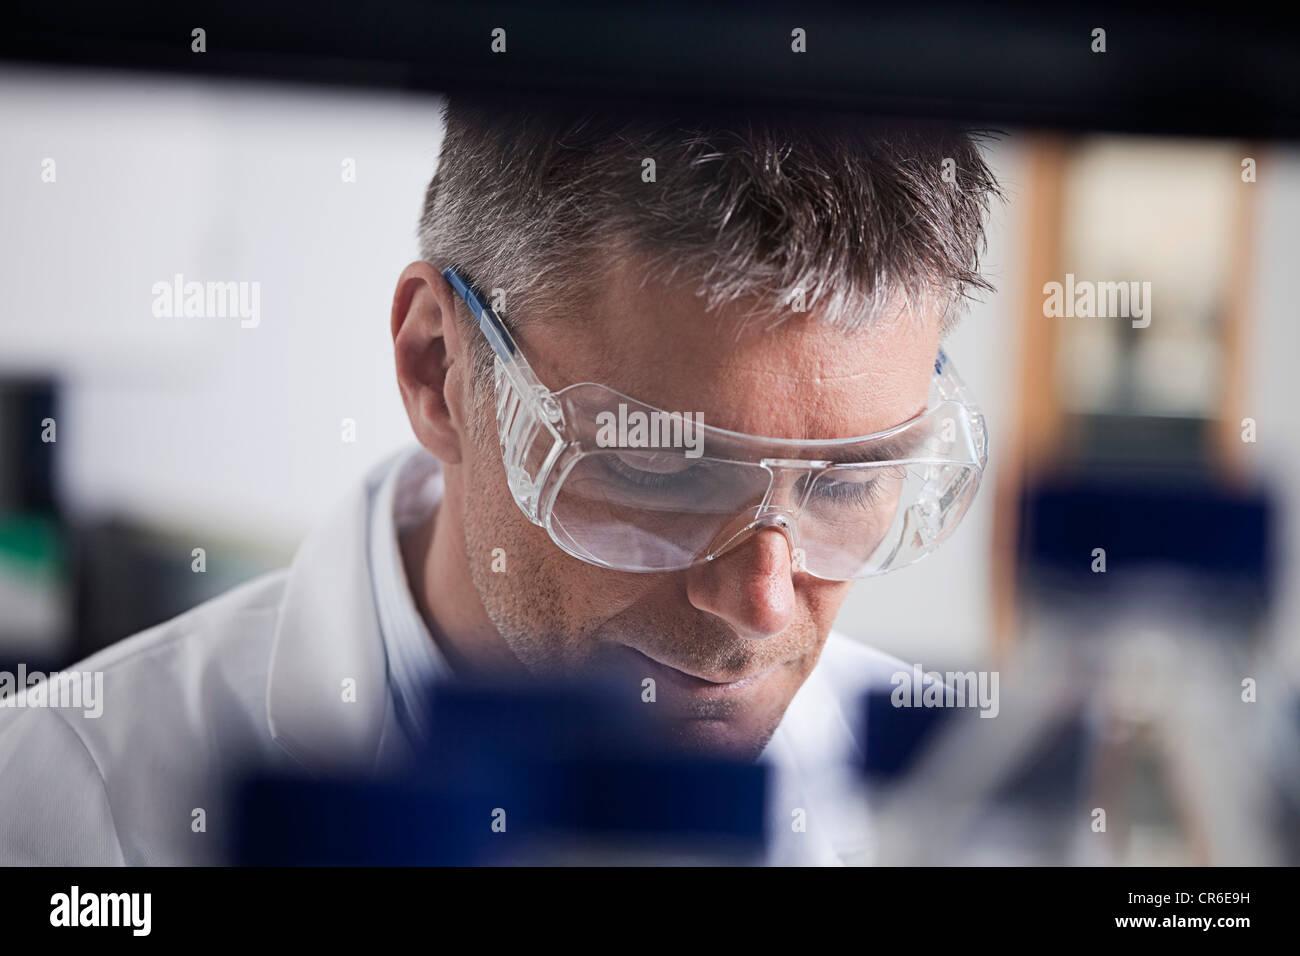 Germany, faisant de la recherche médicale, au laboratoire Photo Stock